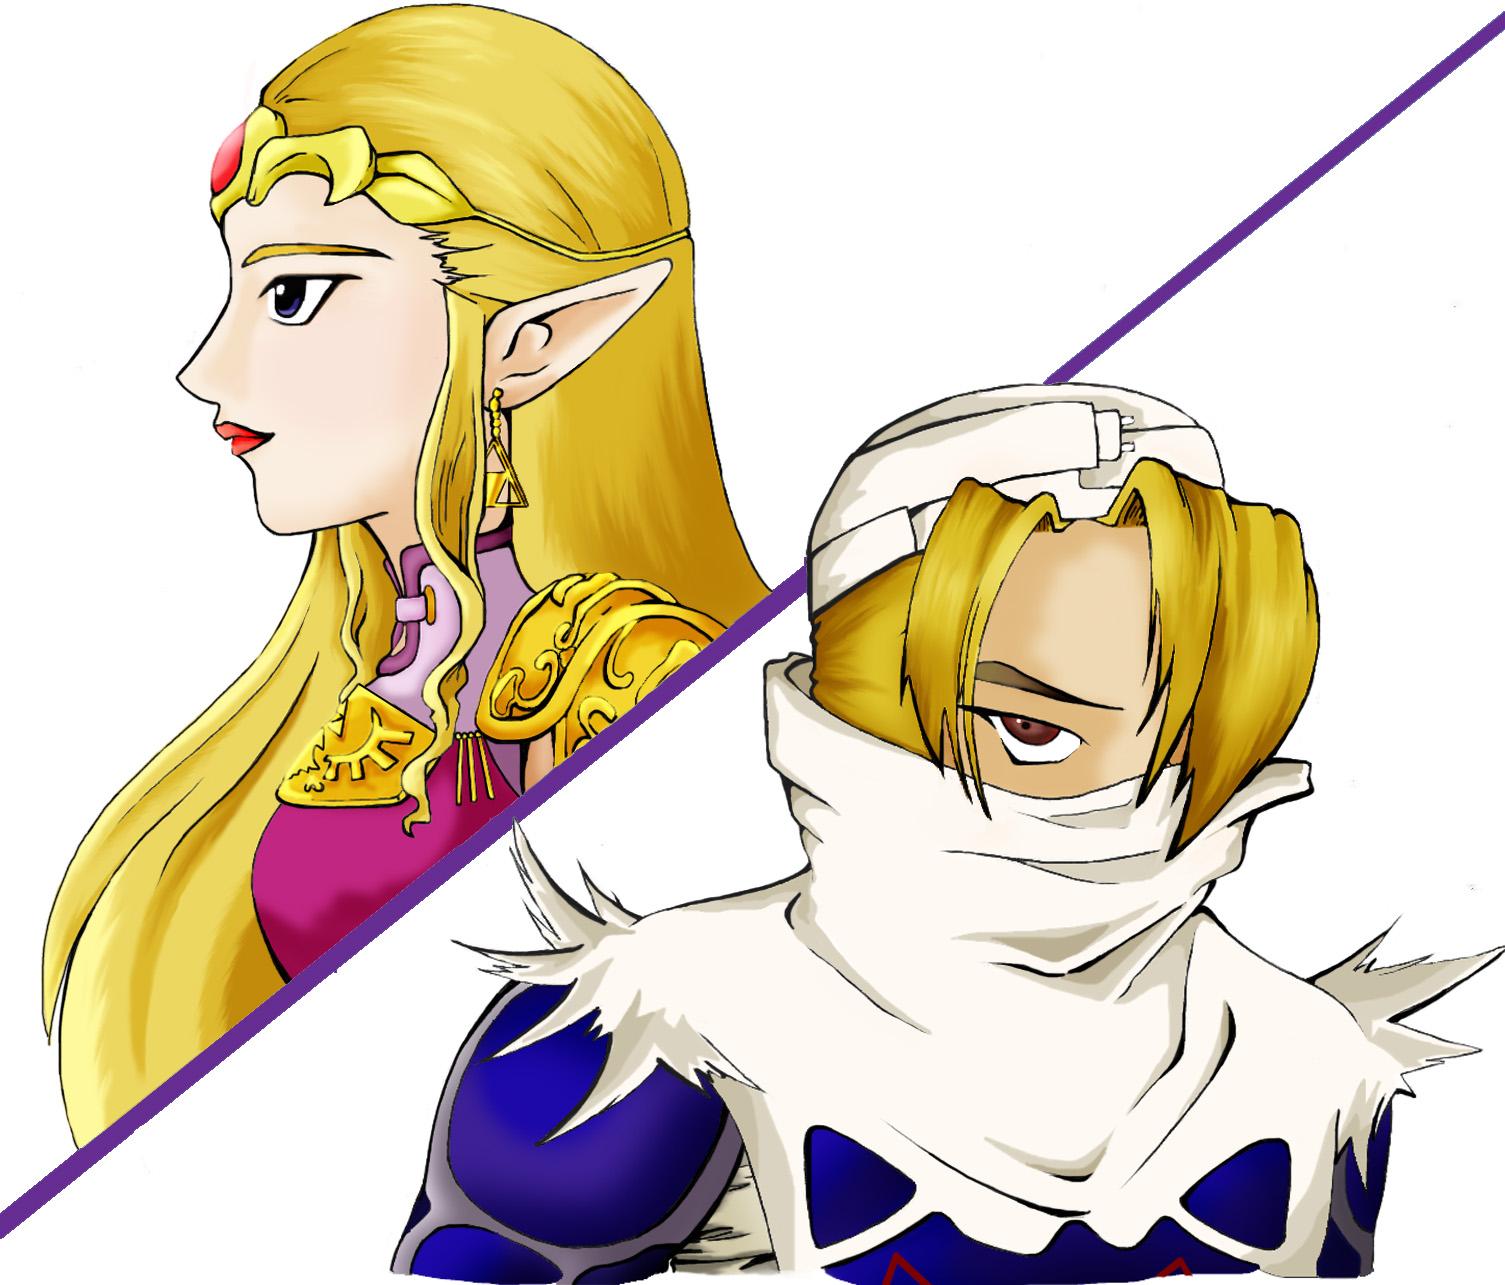 Coleccion de imagenes de Zelda. Zelda_and_Sheik_by_Corpas